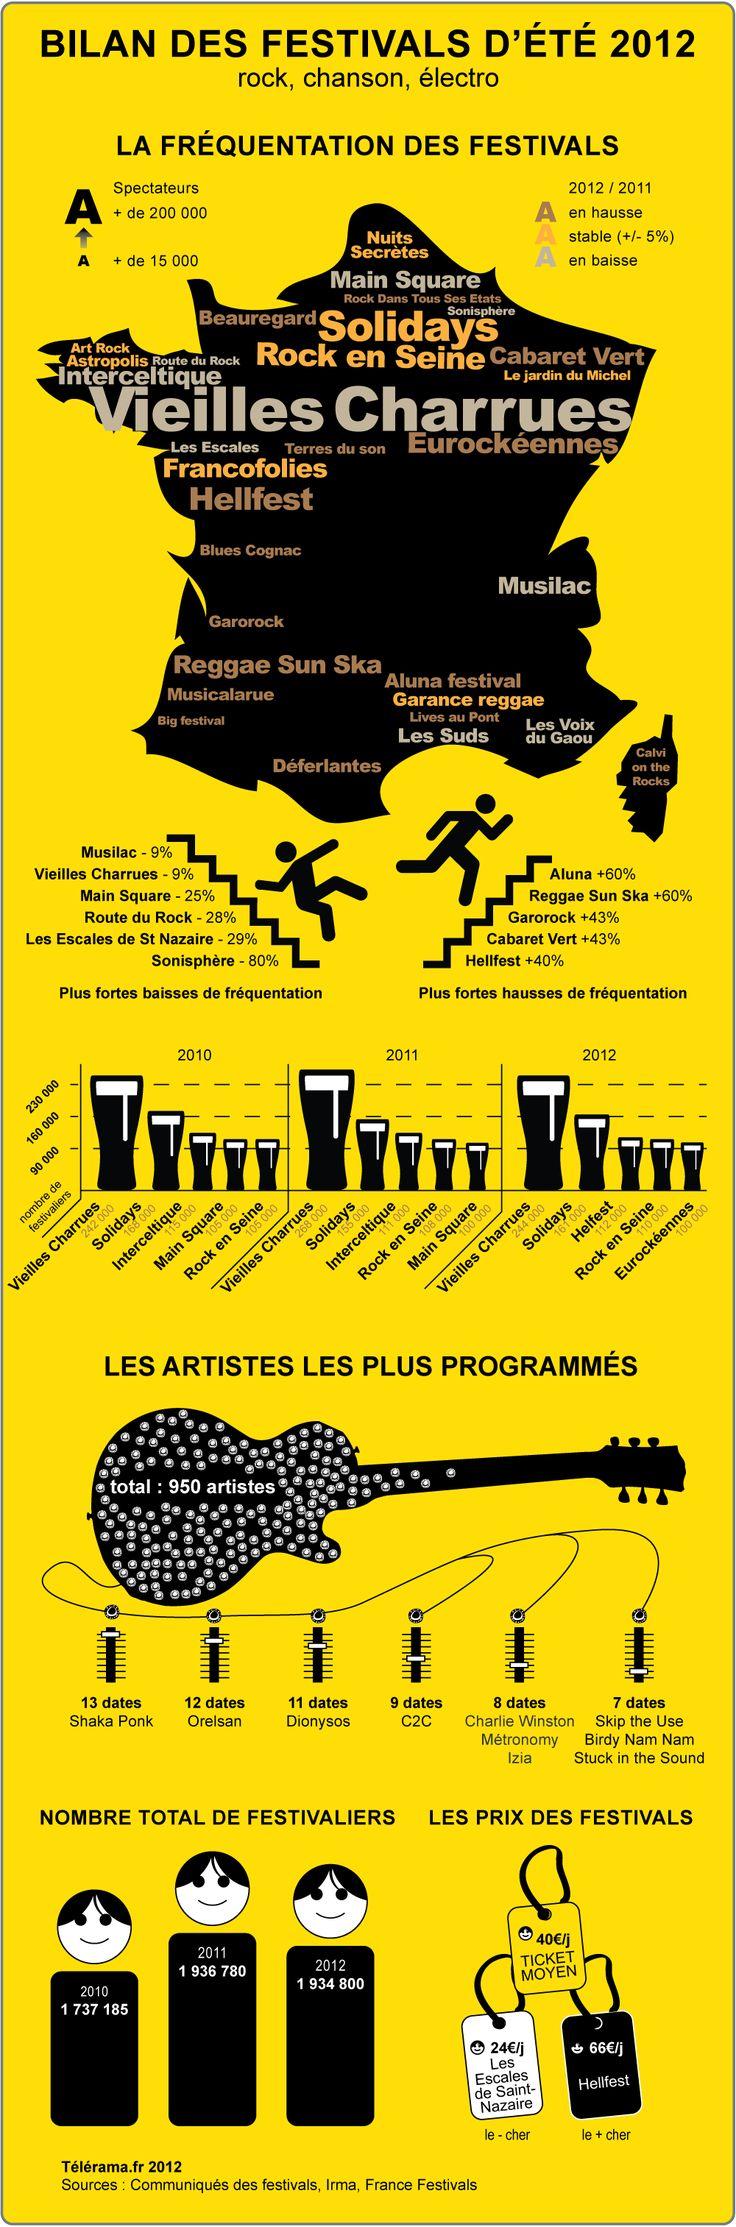 Infographie : le bilan des festivals d'été 2012 - Musiques - Télérama.fr Infographics - French music festivals for summer 2012